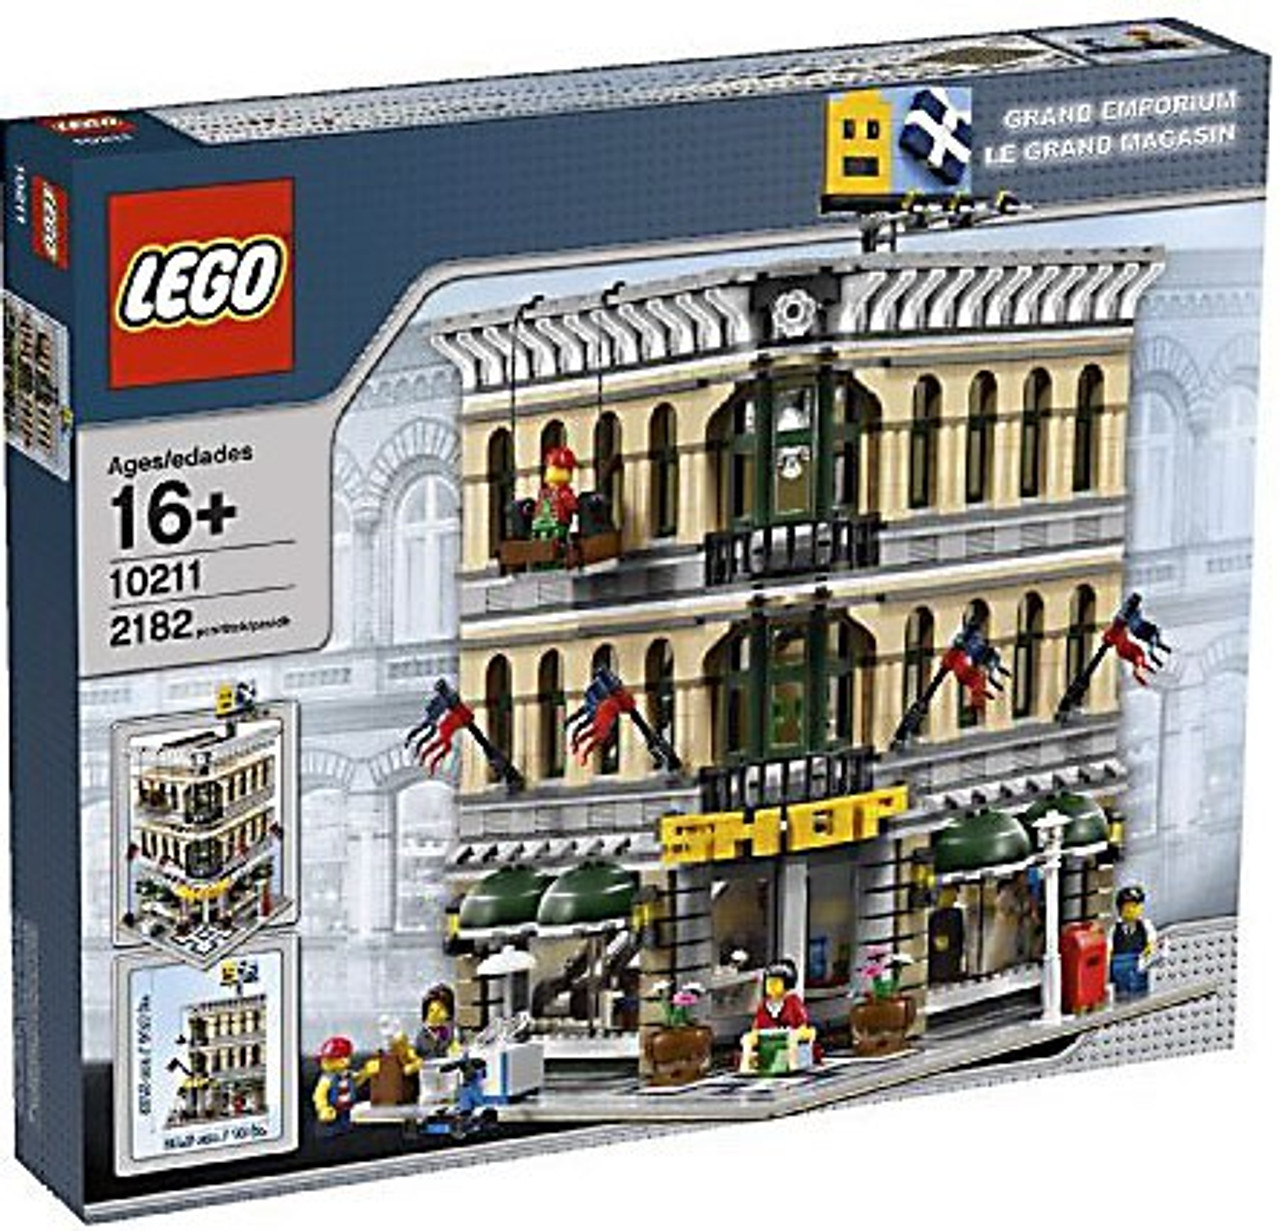 LEGO City Grand Emporium Exclusive Set #10211